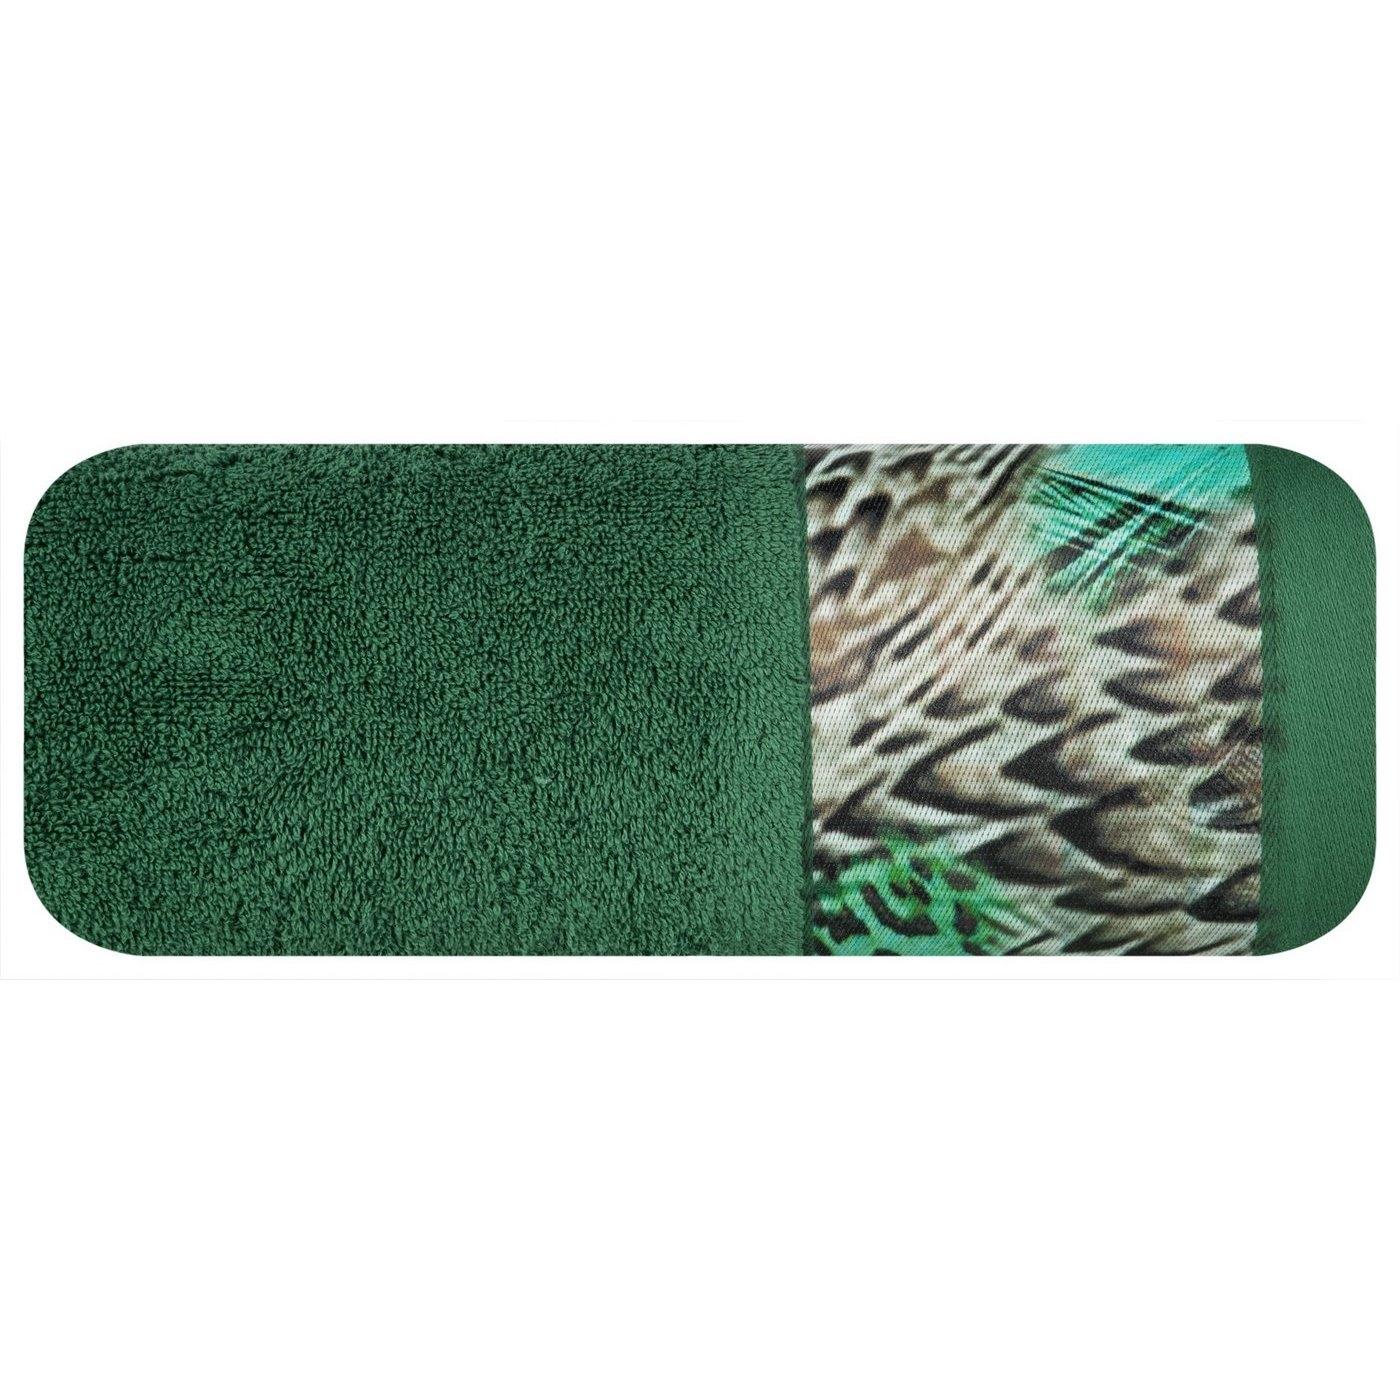 Prosop baie din bumbac Amparo Eva Minge Verde inchis, 70 x 140 cm